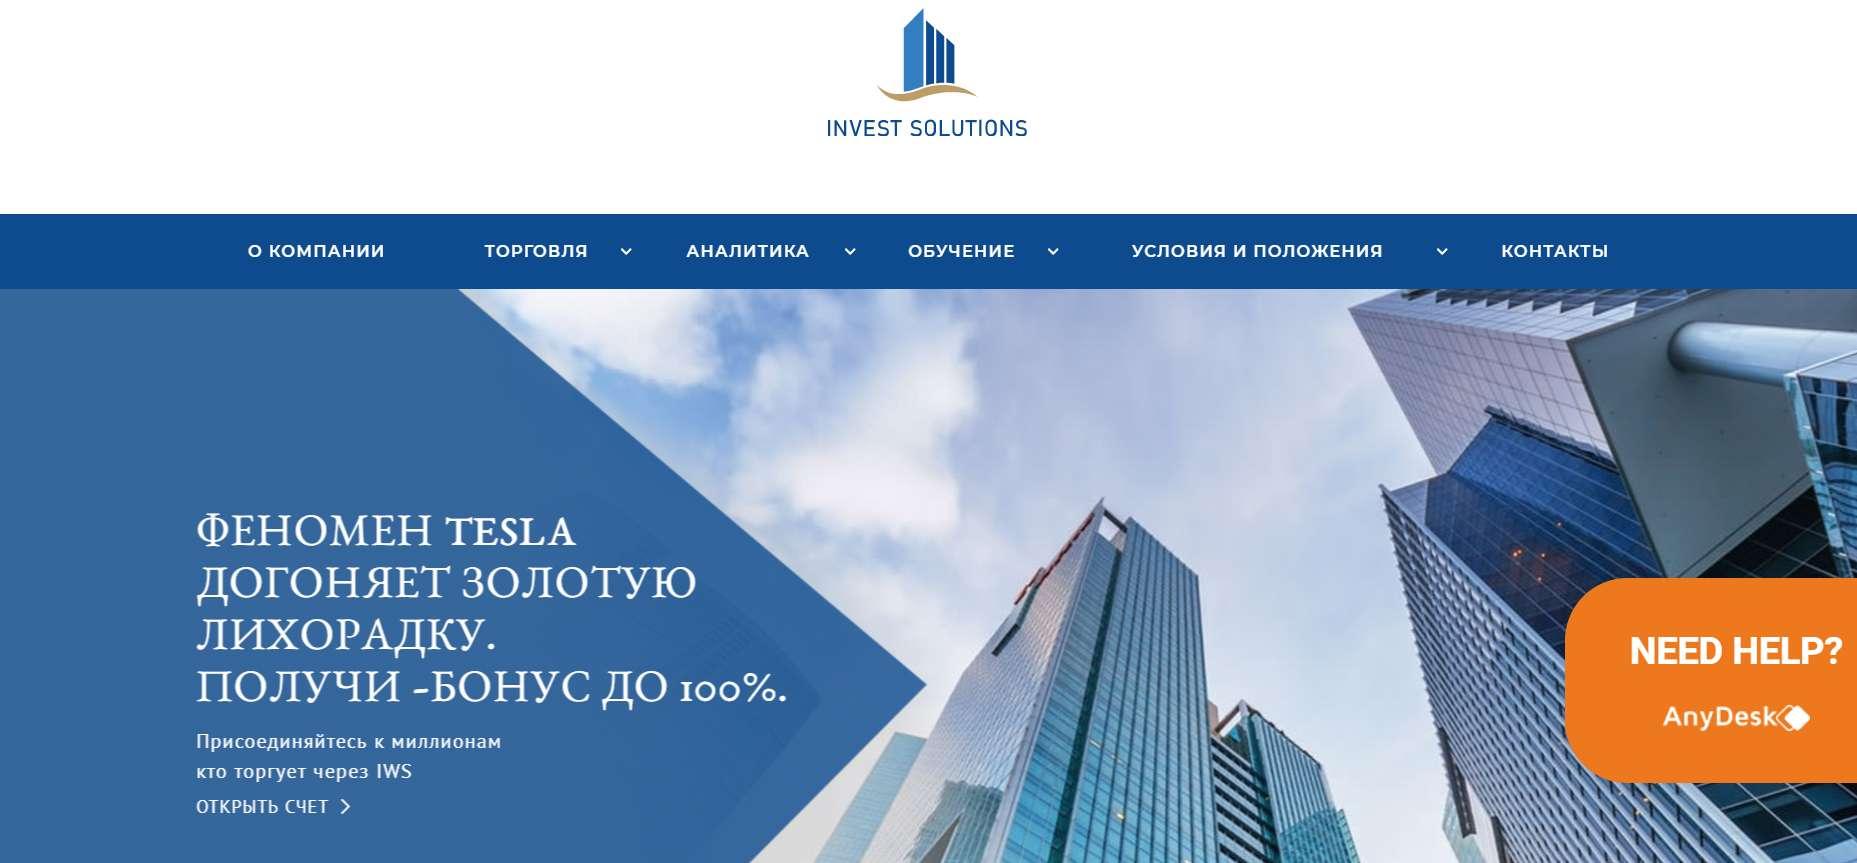 Обзор на брокерскую контору Invest Solutions. Отзывы о лохотроне.